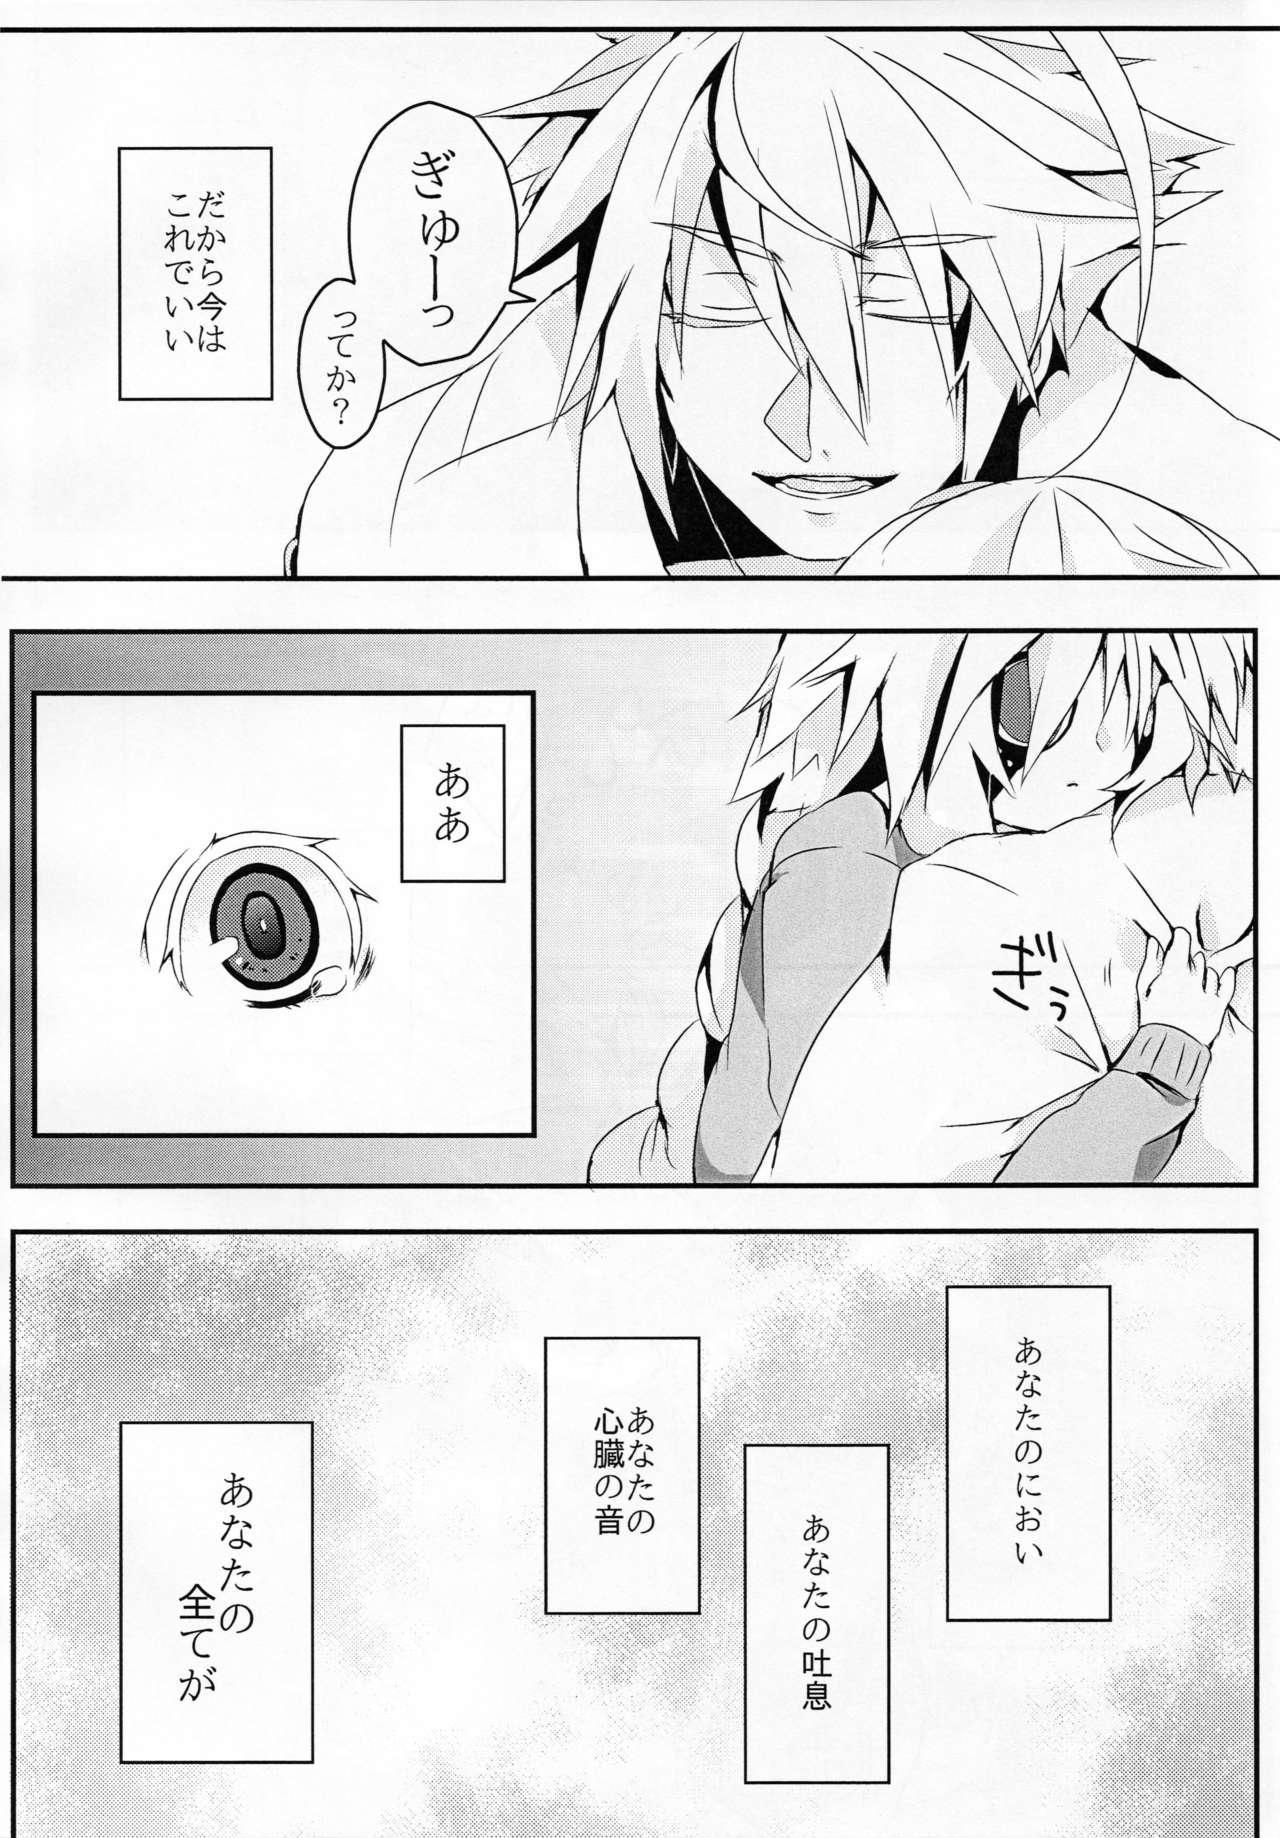 Ningyou no Miru Yume wa 12